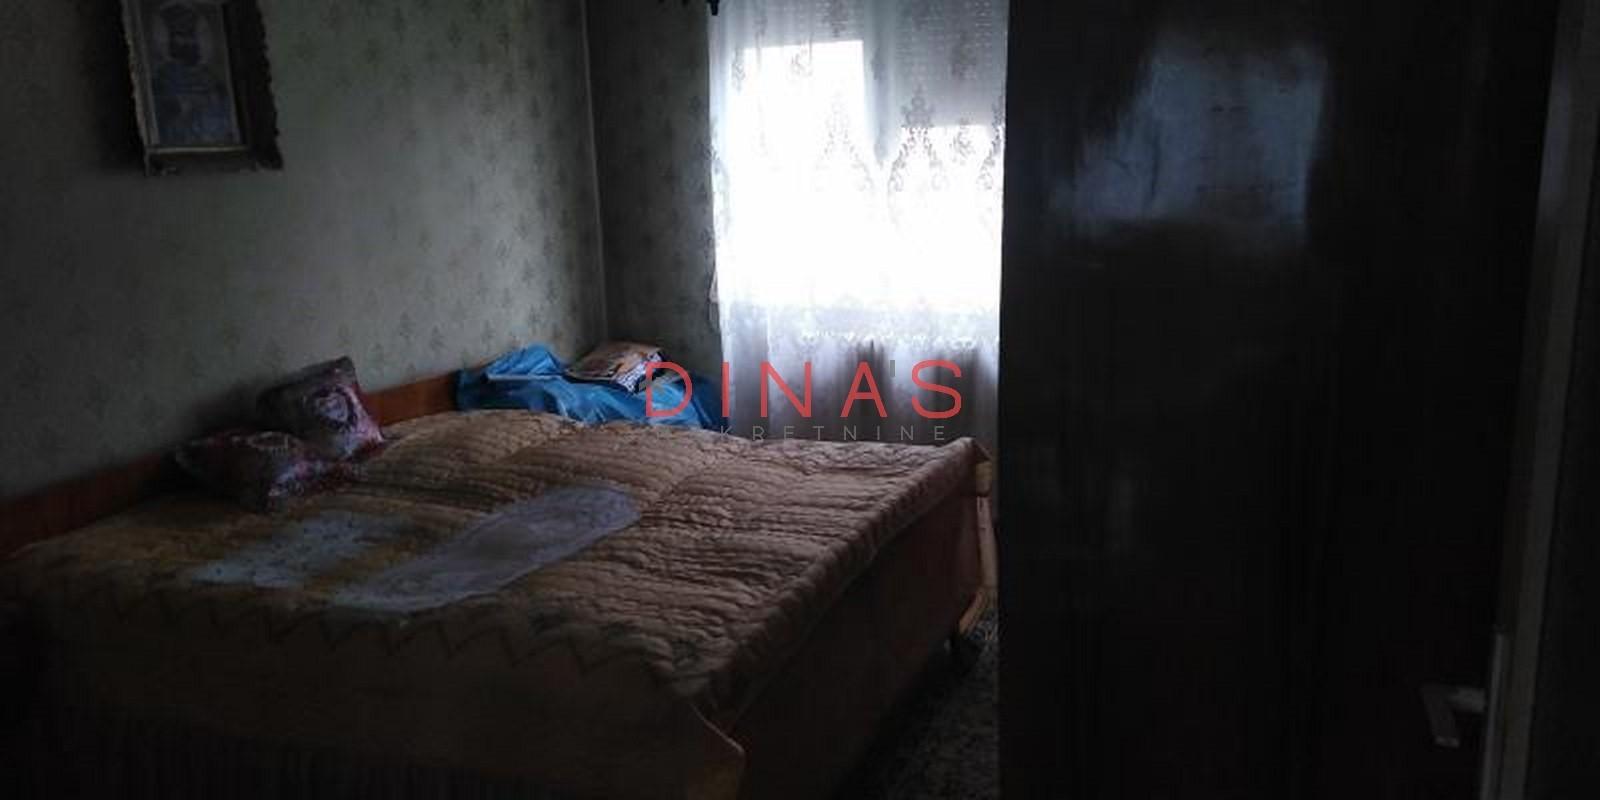 DETELINARA STARA, NOVI SAD, 1015031